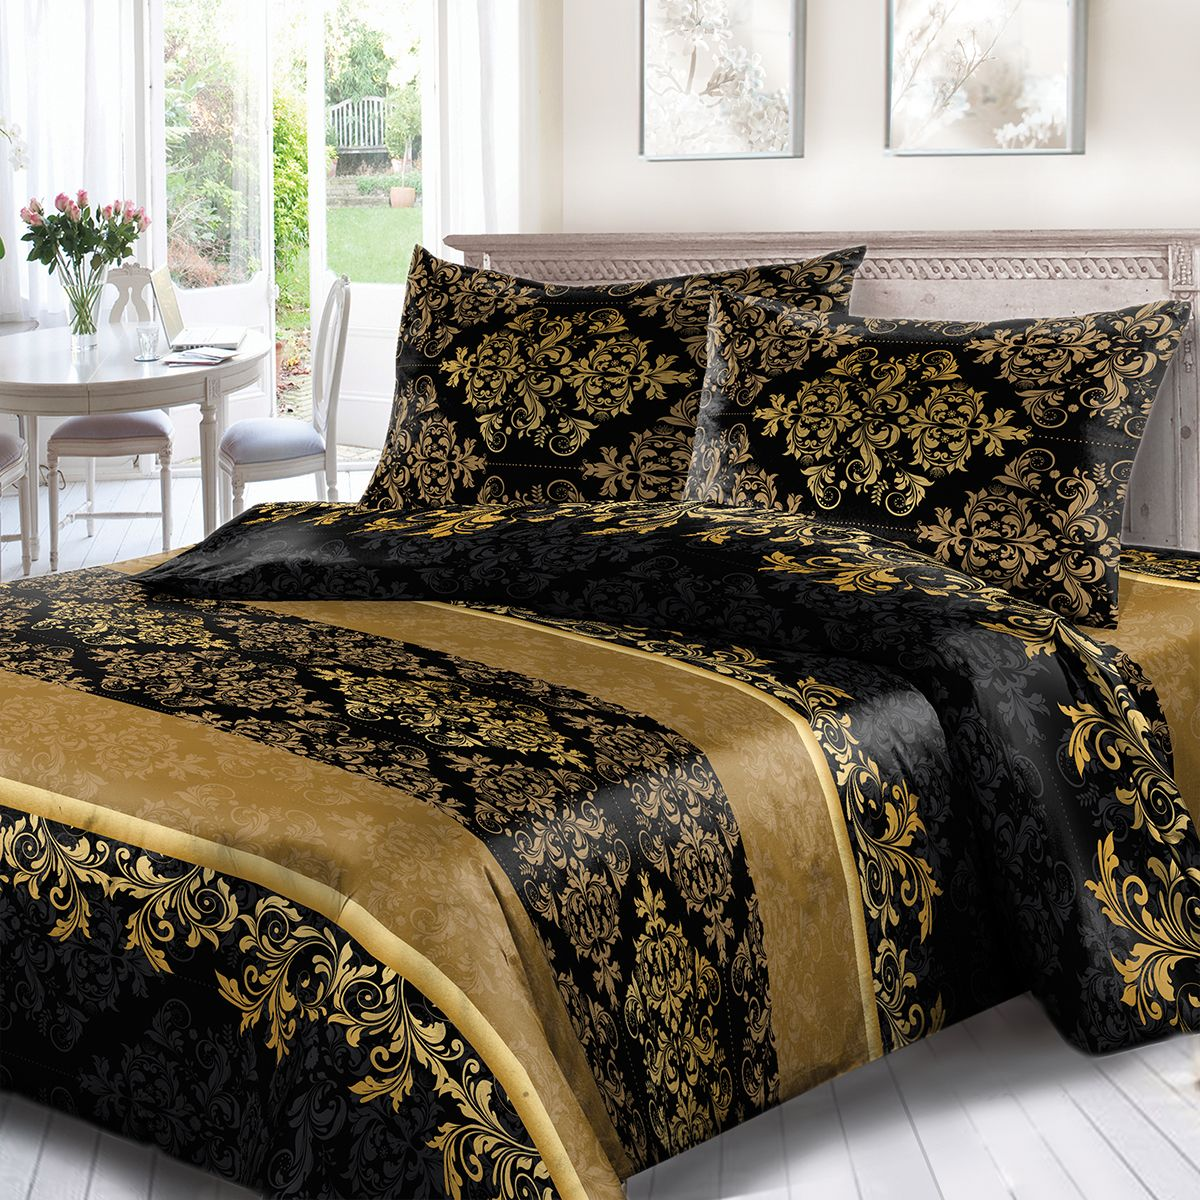 Комплект белья Сорренто Афины, 2-х спальное, наволочки 70x70, цвет: черный. 3733-190232